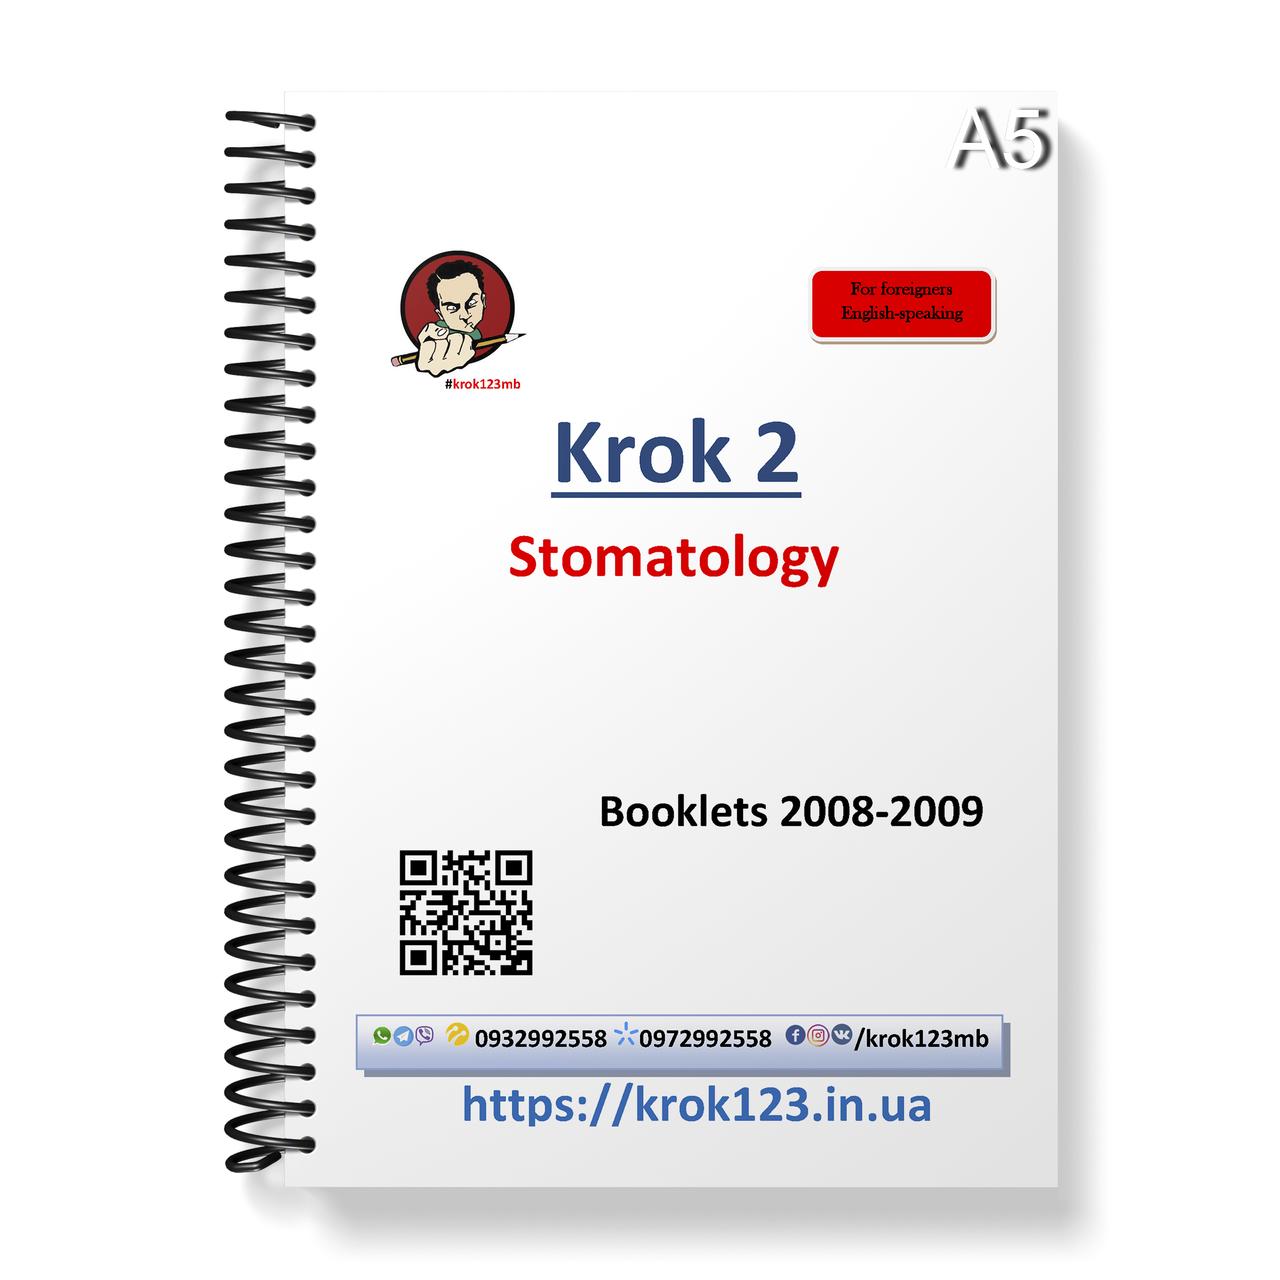 Крок 2. Стоматология. Буклеты 2008-2009 . Для иностранцев англоязычных. Формат А5